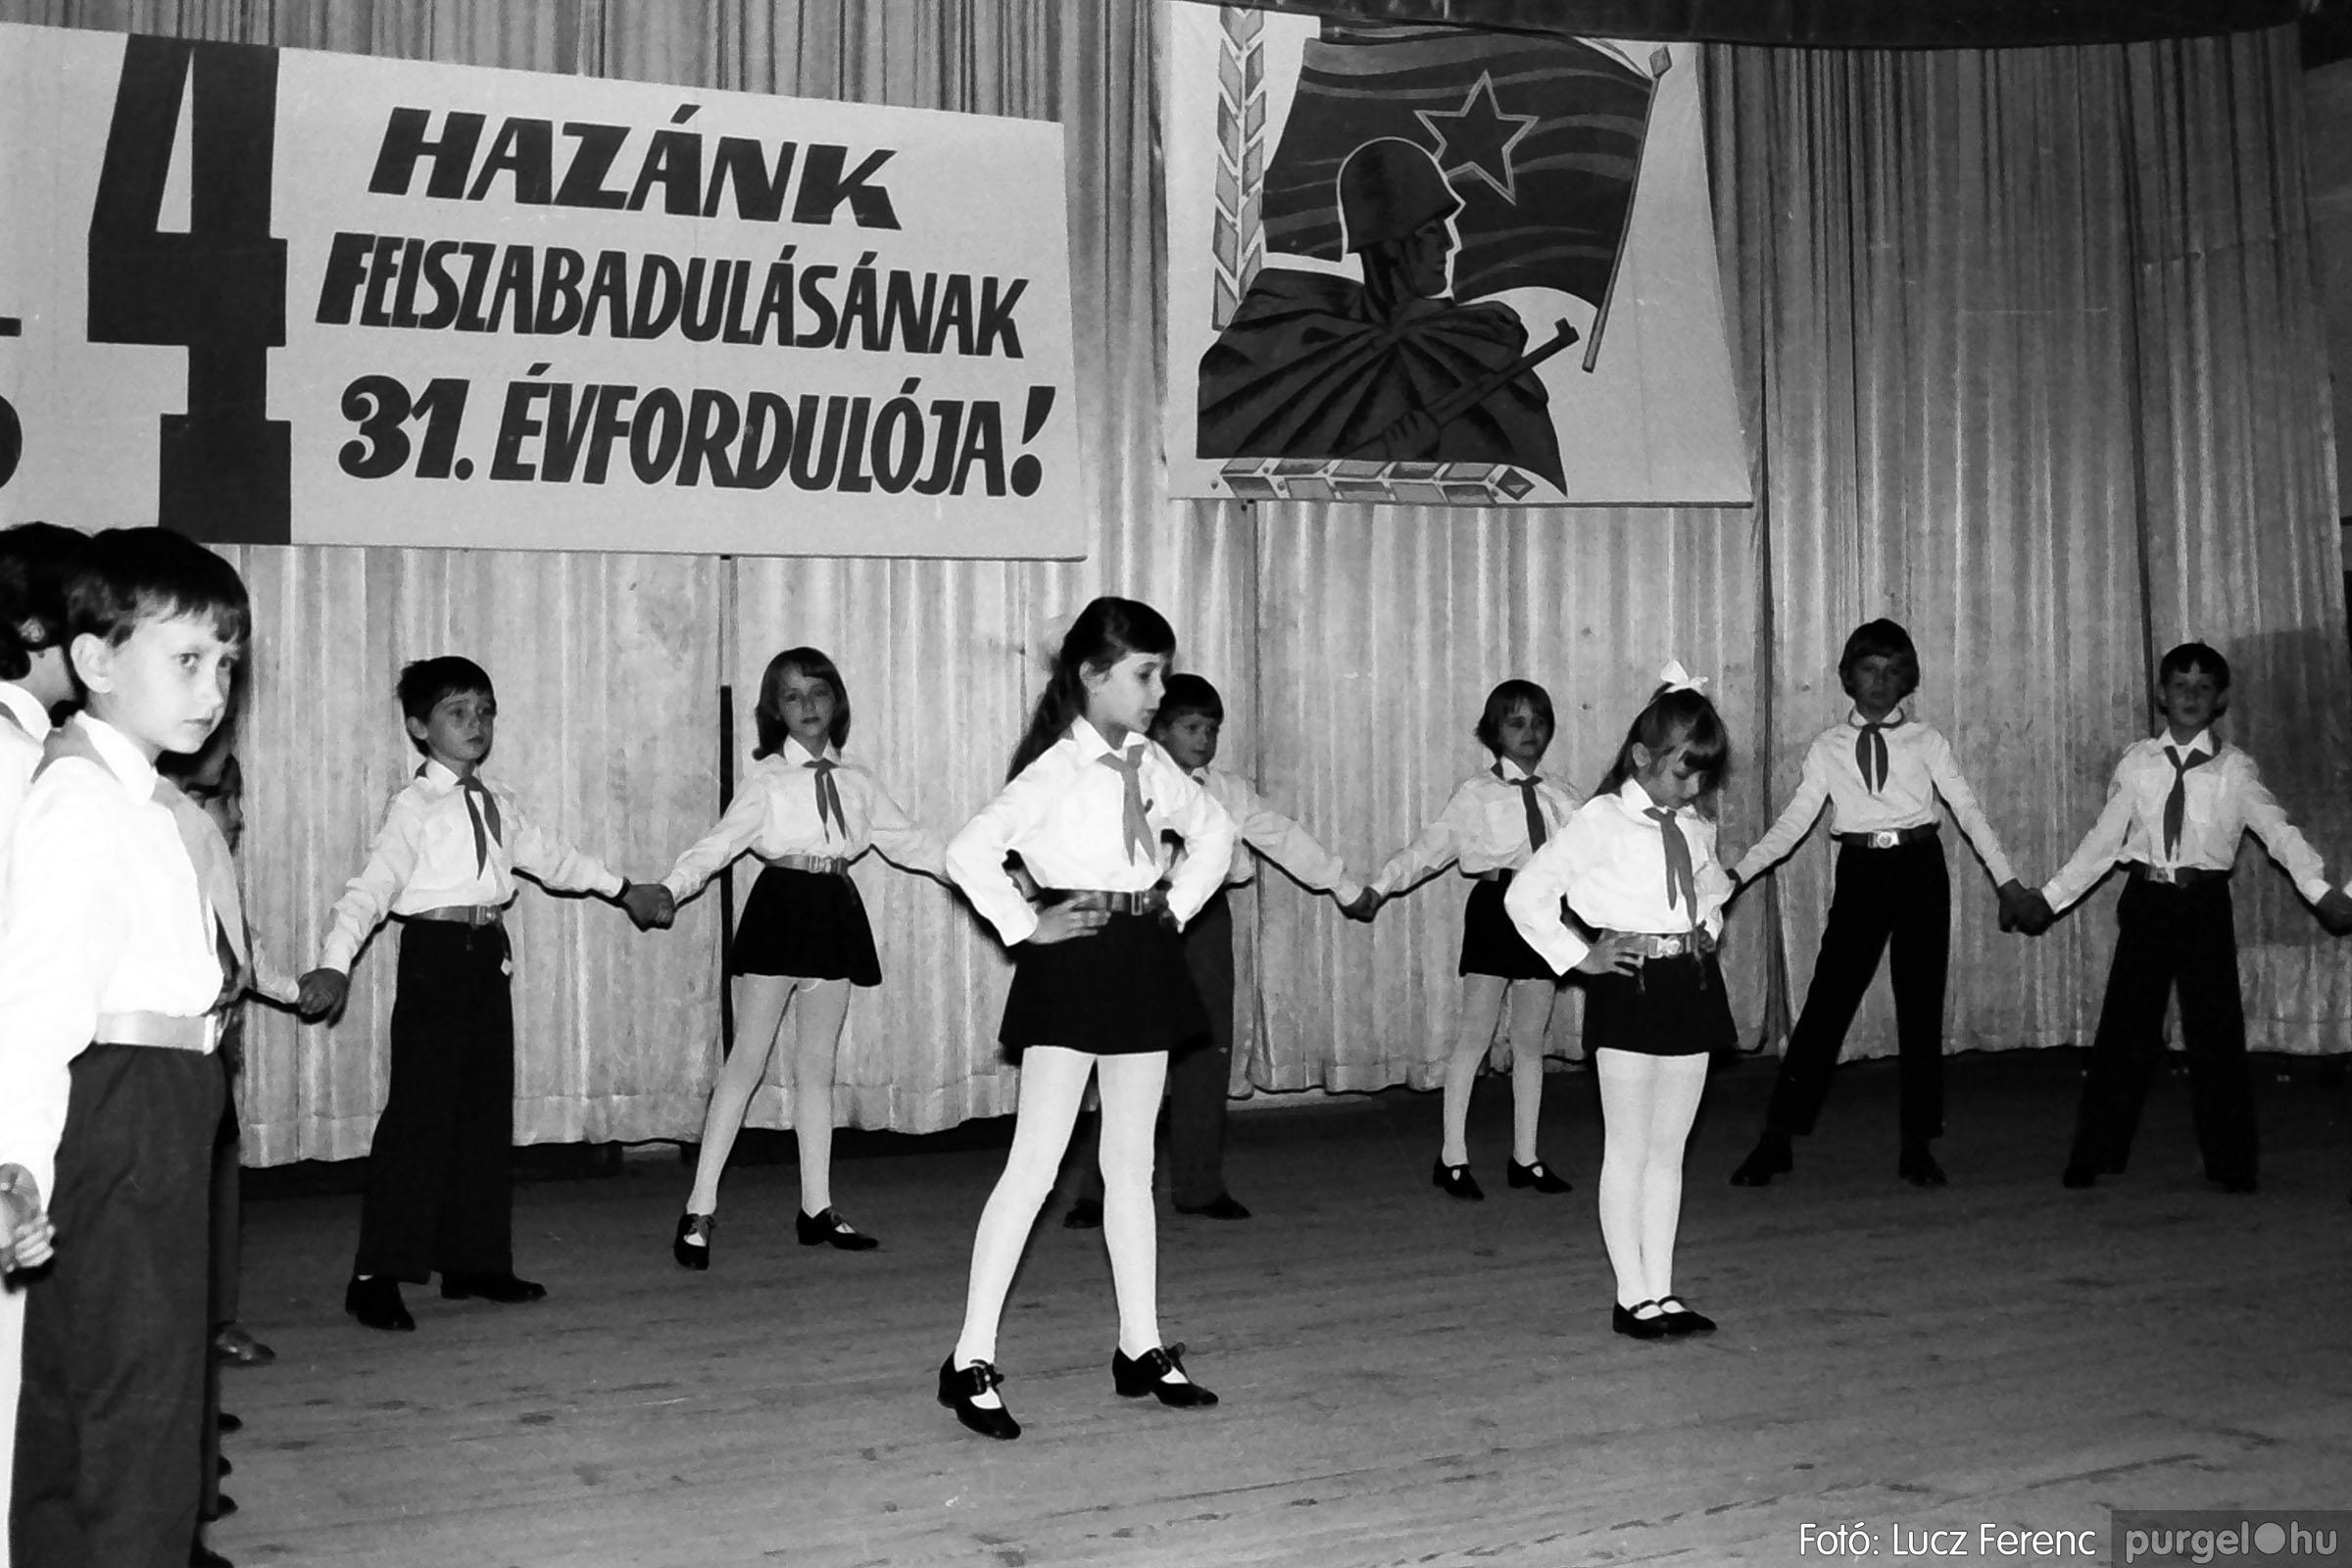 039. 1976.04.04. Április 4-i ünnepség a kultúrházban 026. - Fotó: Lucz Ferenc.jpg